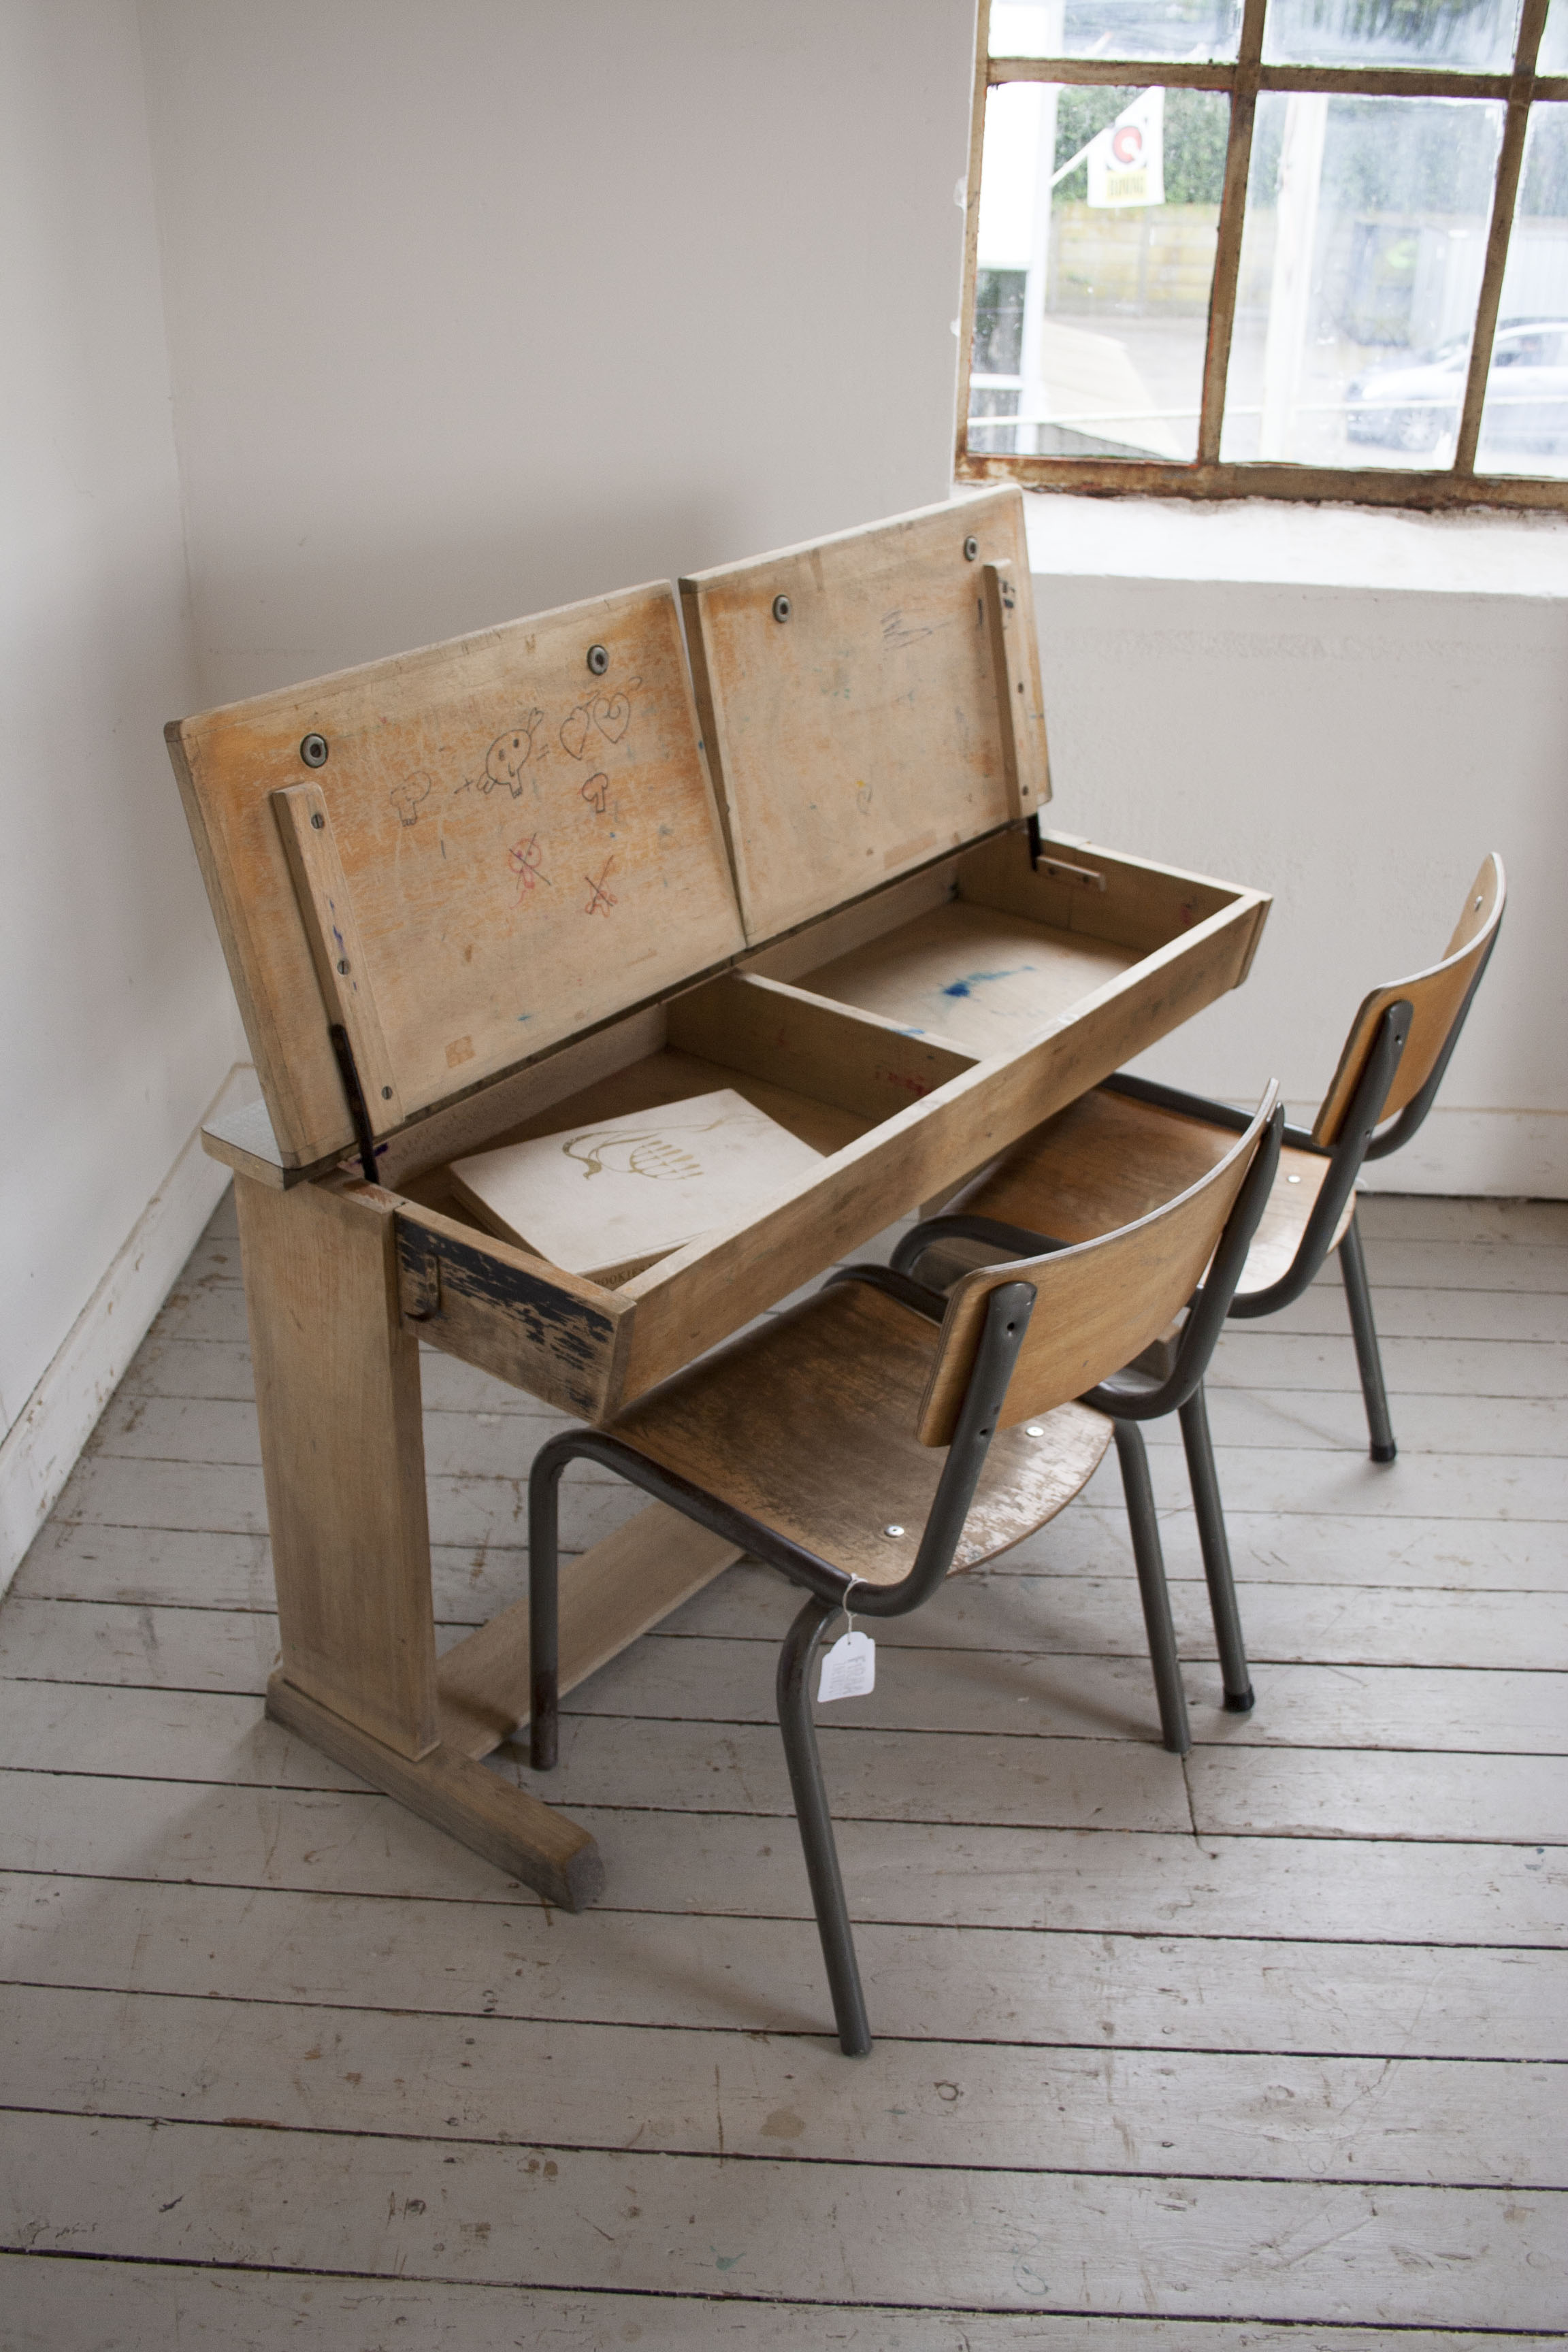 Groter houten schoolbankje formicablad_1.jpg